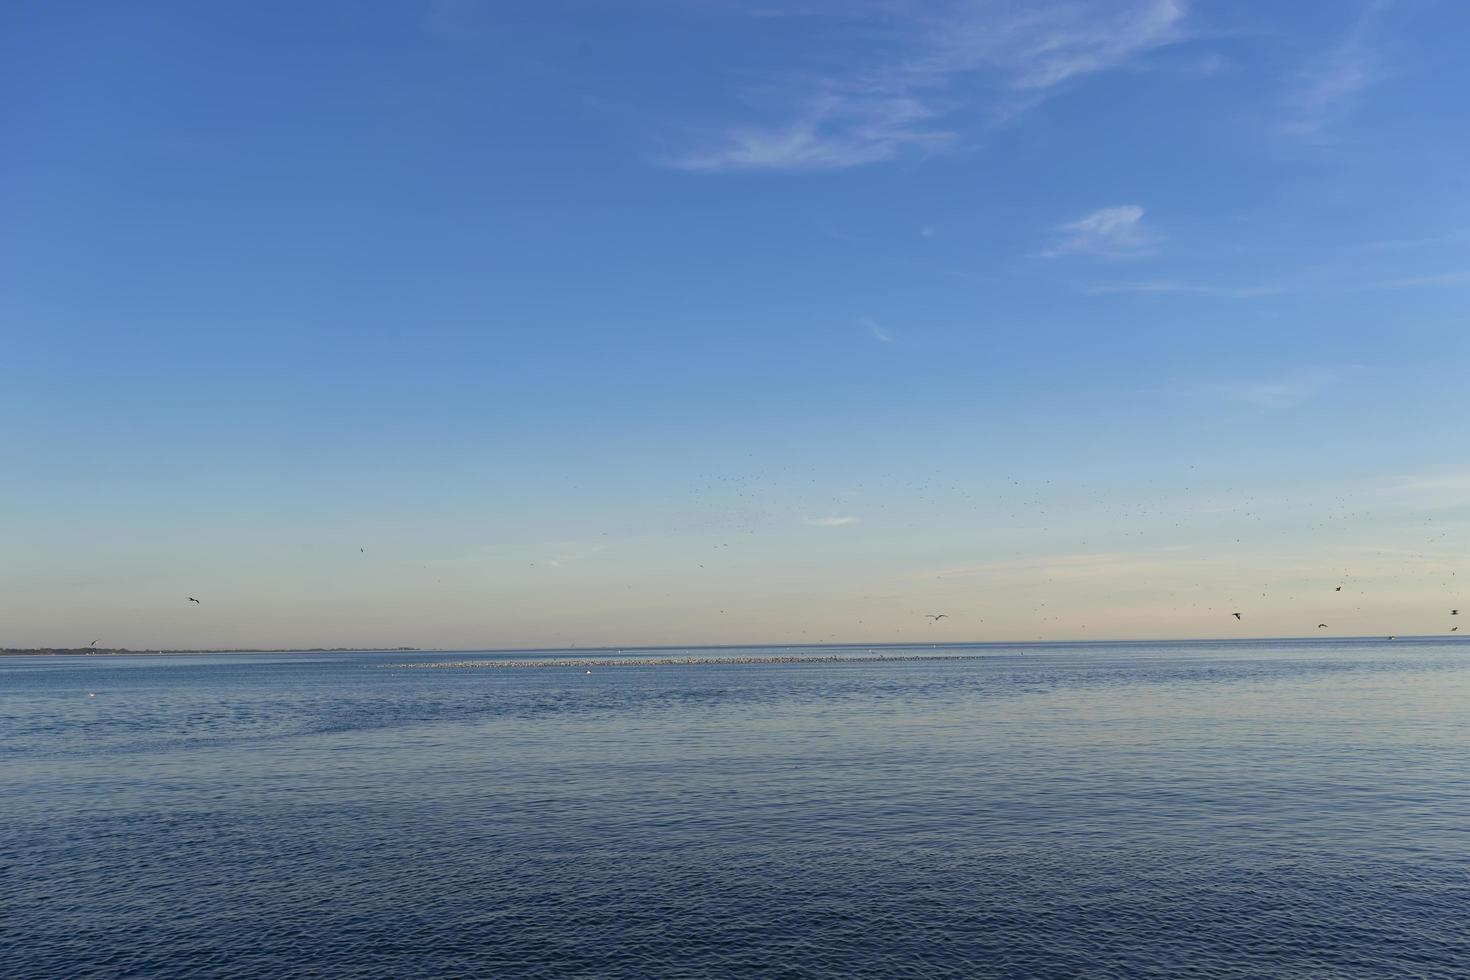 zeegezicht van een watermassa met kleurrijke horizon en blauwe hemel foto